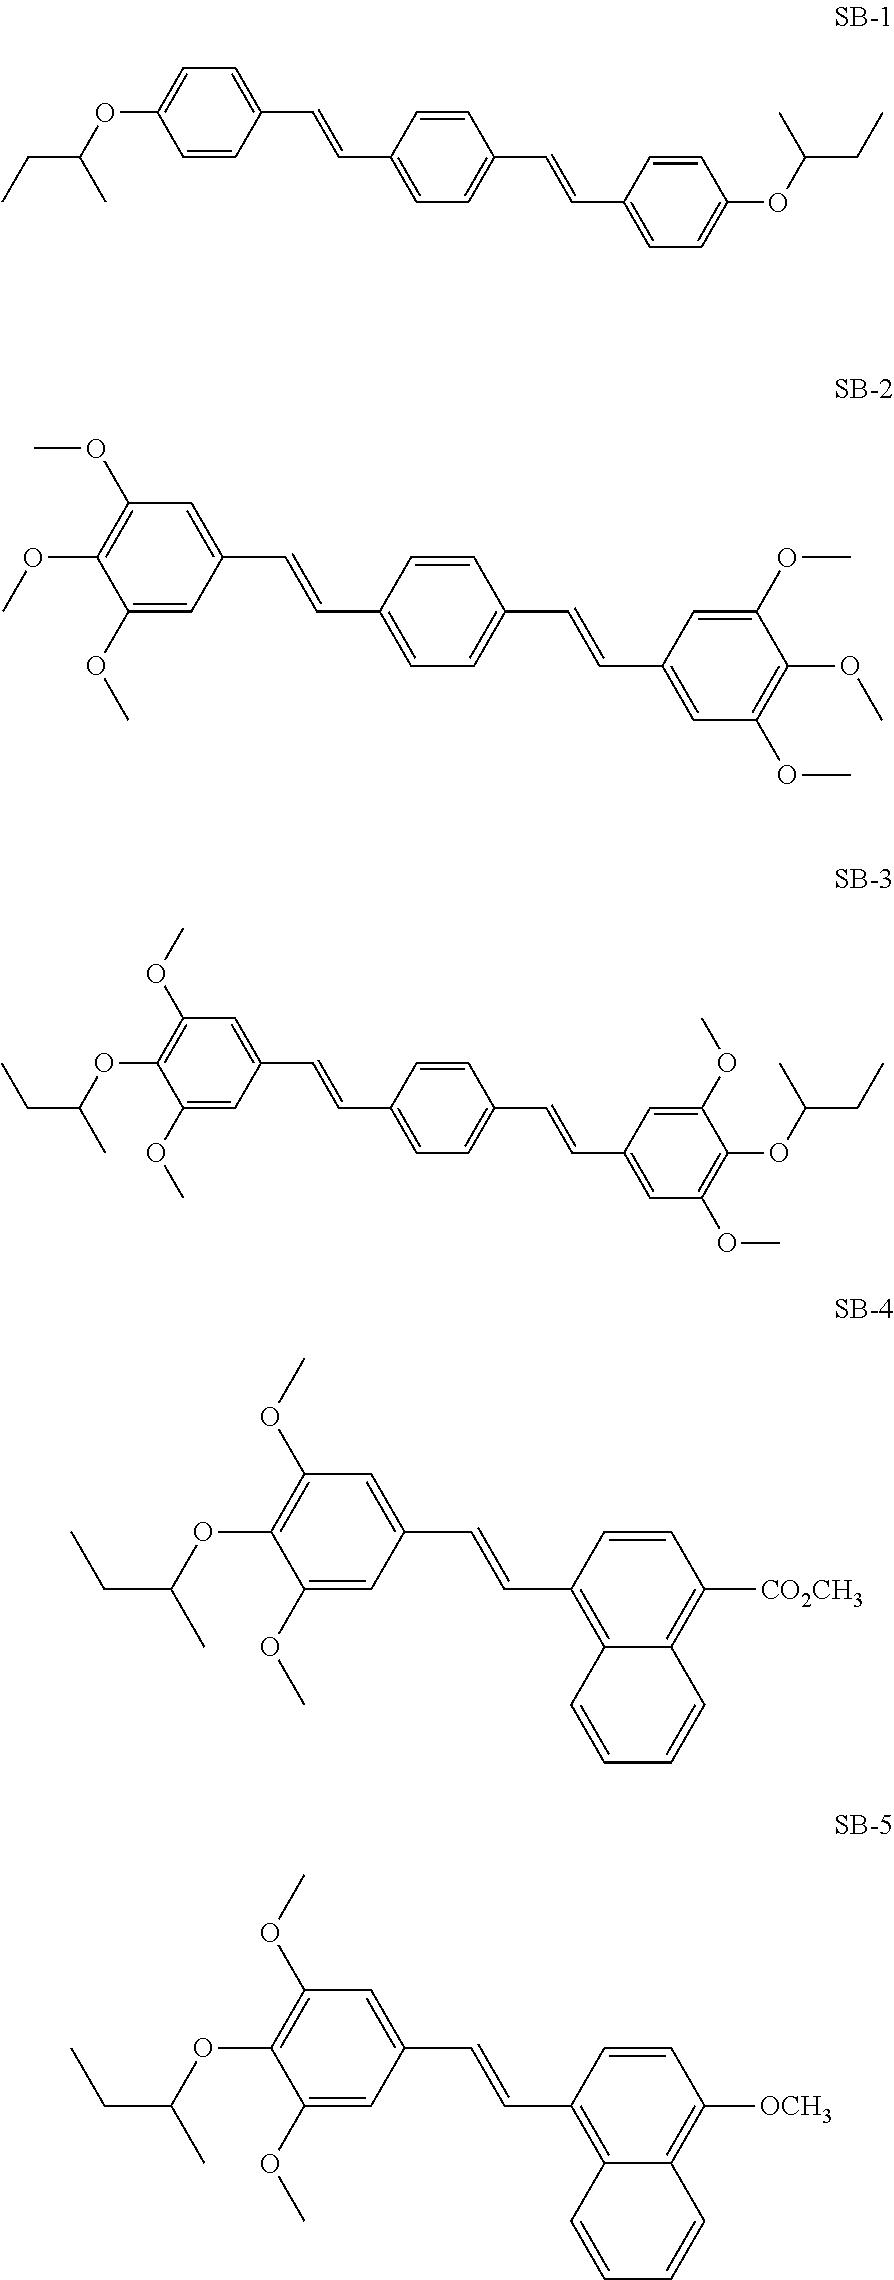 Figure US20110165387A1-20110707-C00003